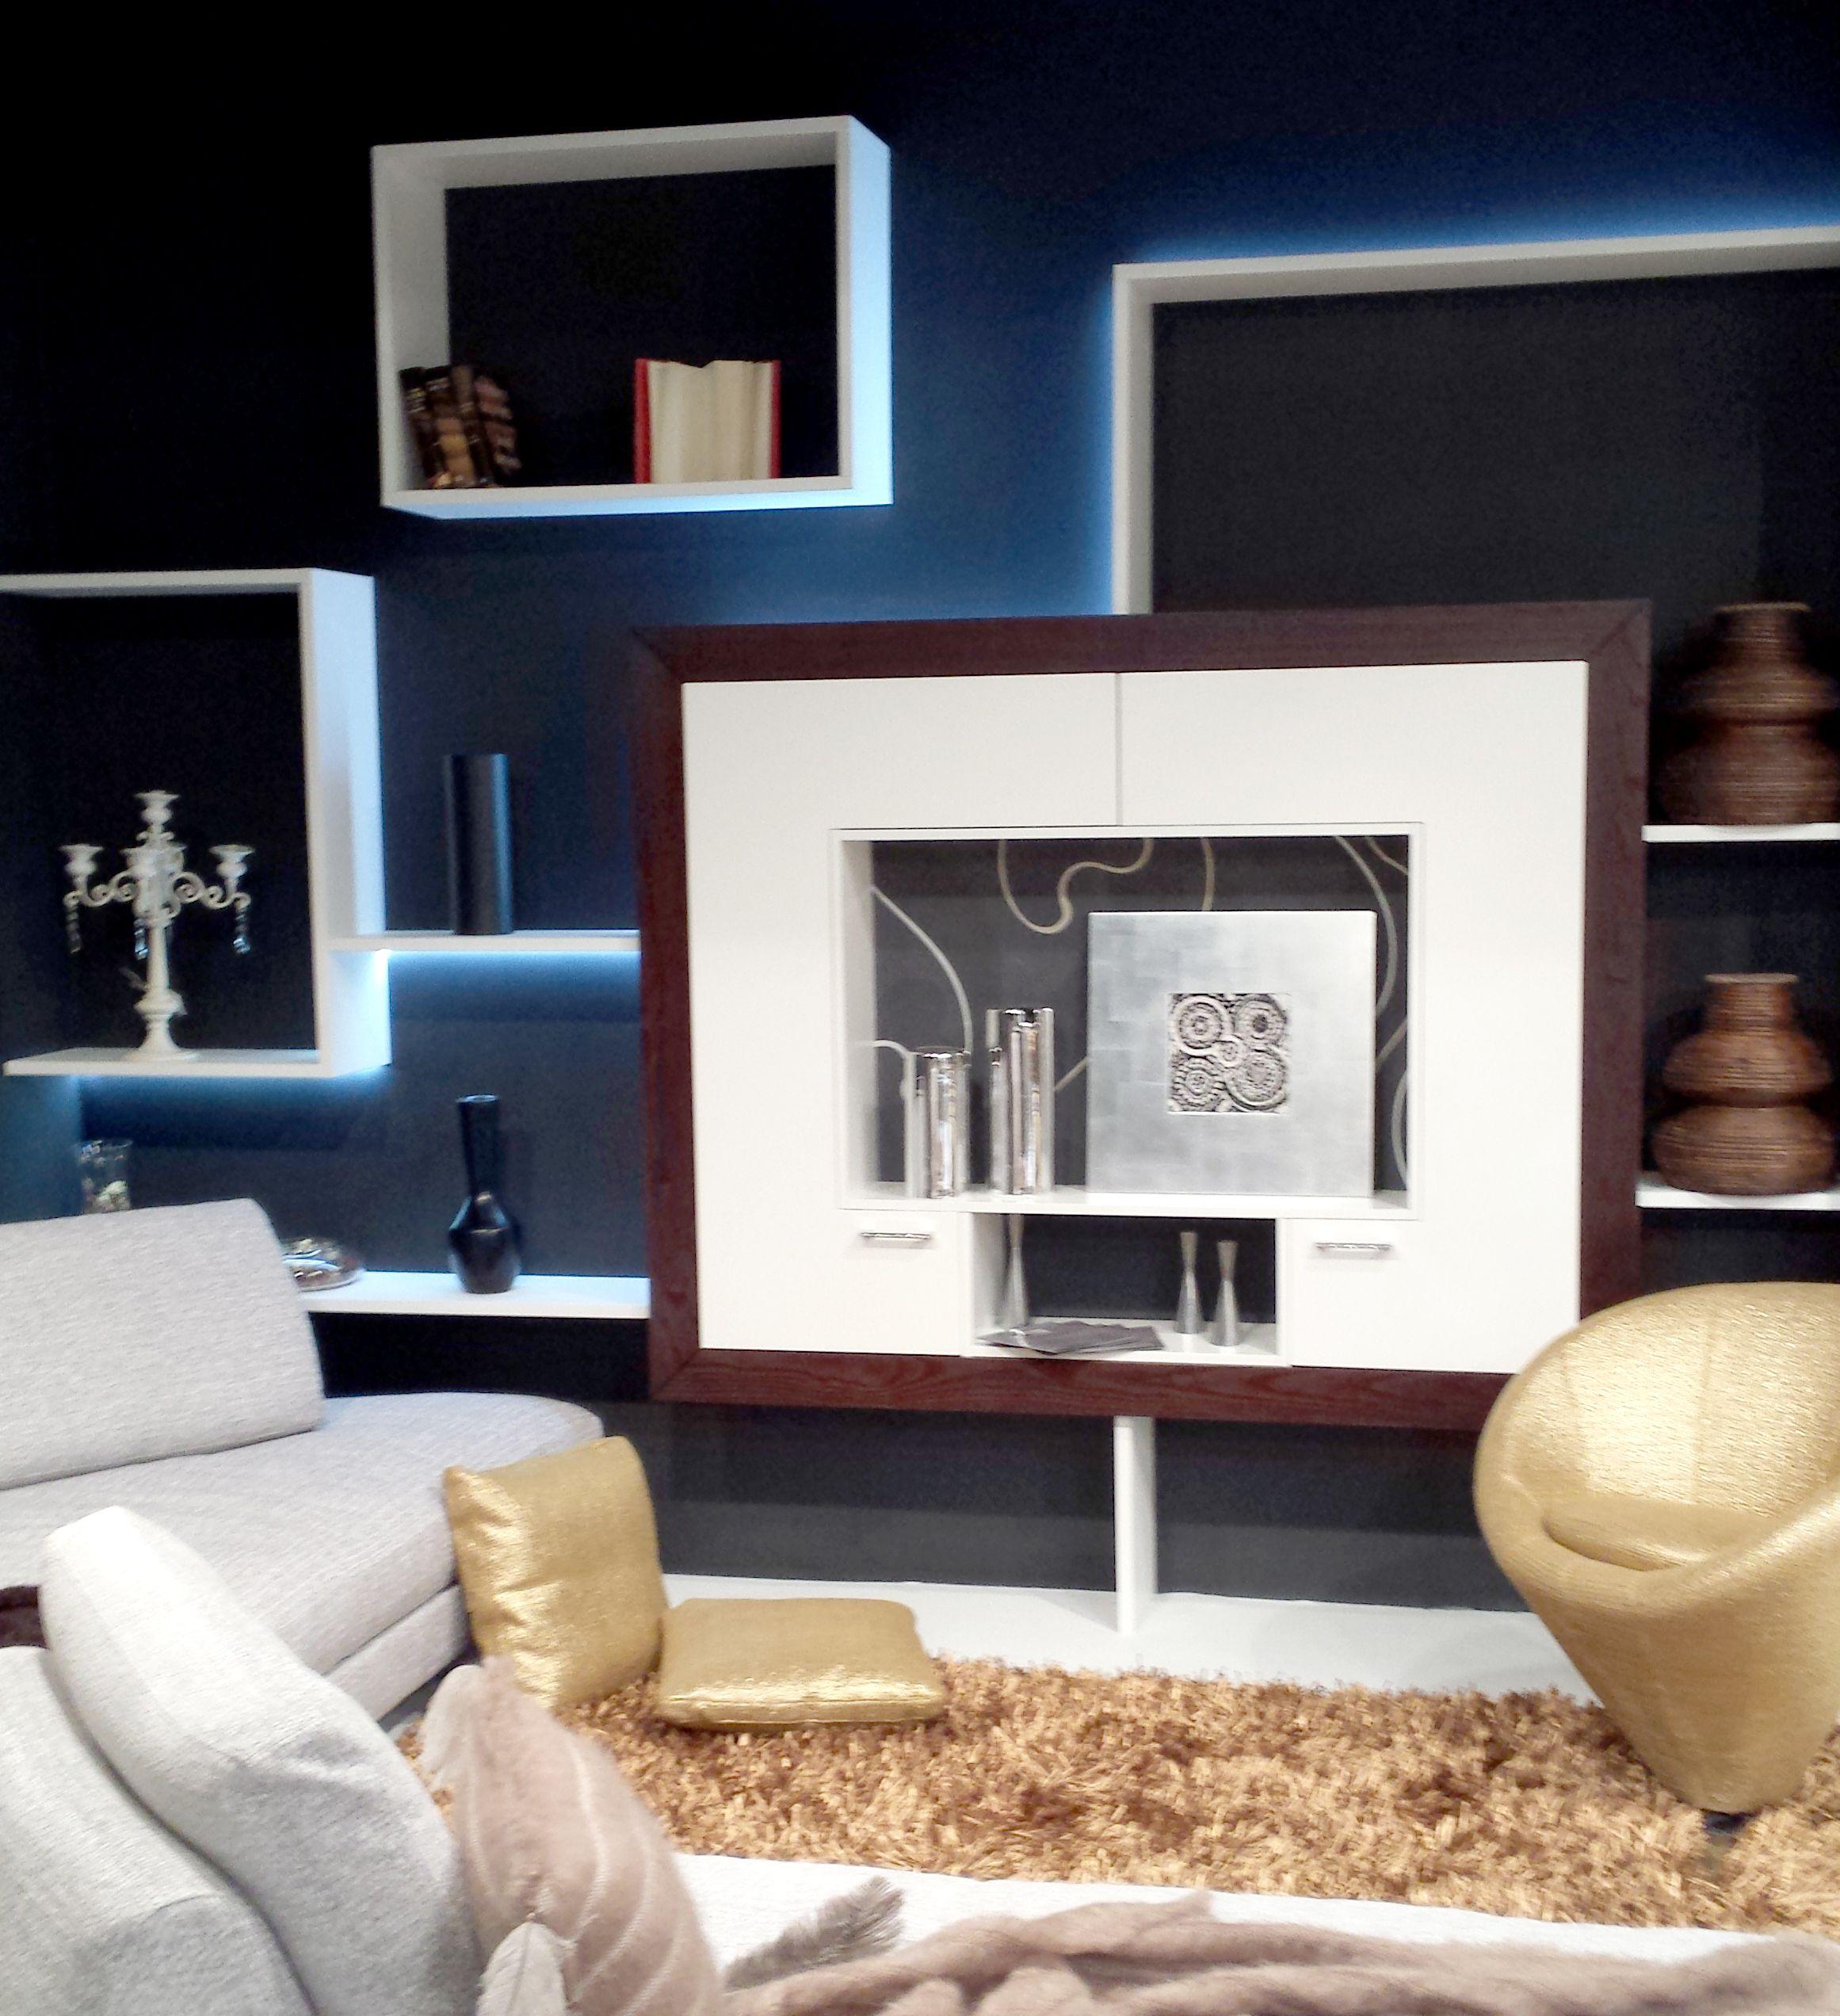 Foto stand particolare parete architettonica con illuminazione led e mobile tv MOD ART, allestimento poltrone, divani e oggetti arredo Cavalletto design casa